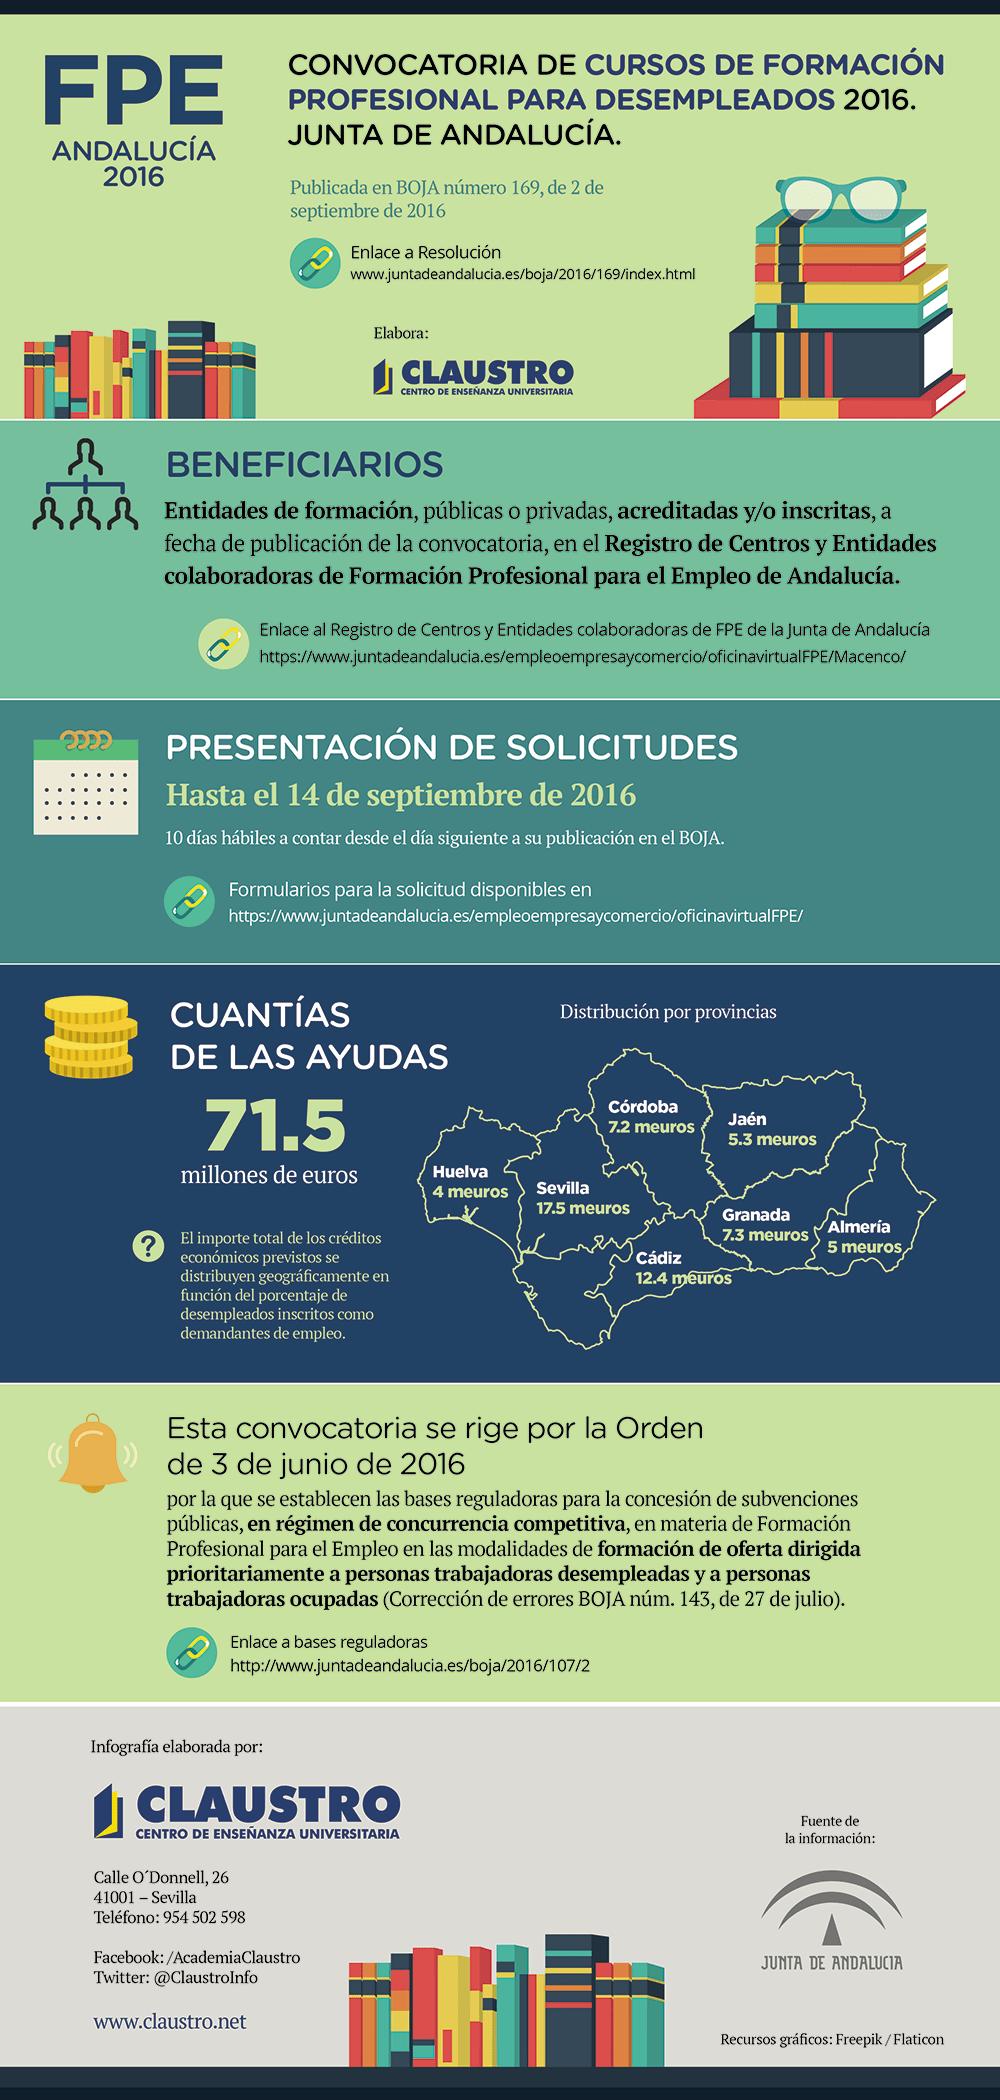 Convocatoria de cursos de formación profesional para el empleo 2016 de la Junta de Andalucía.